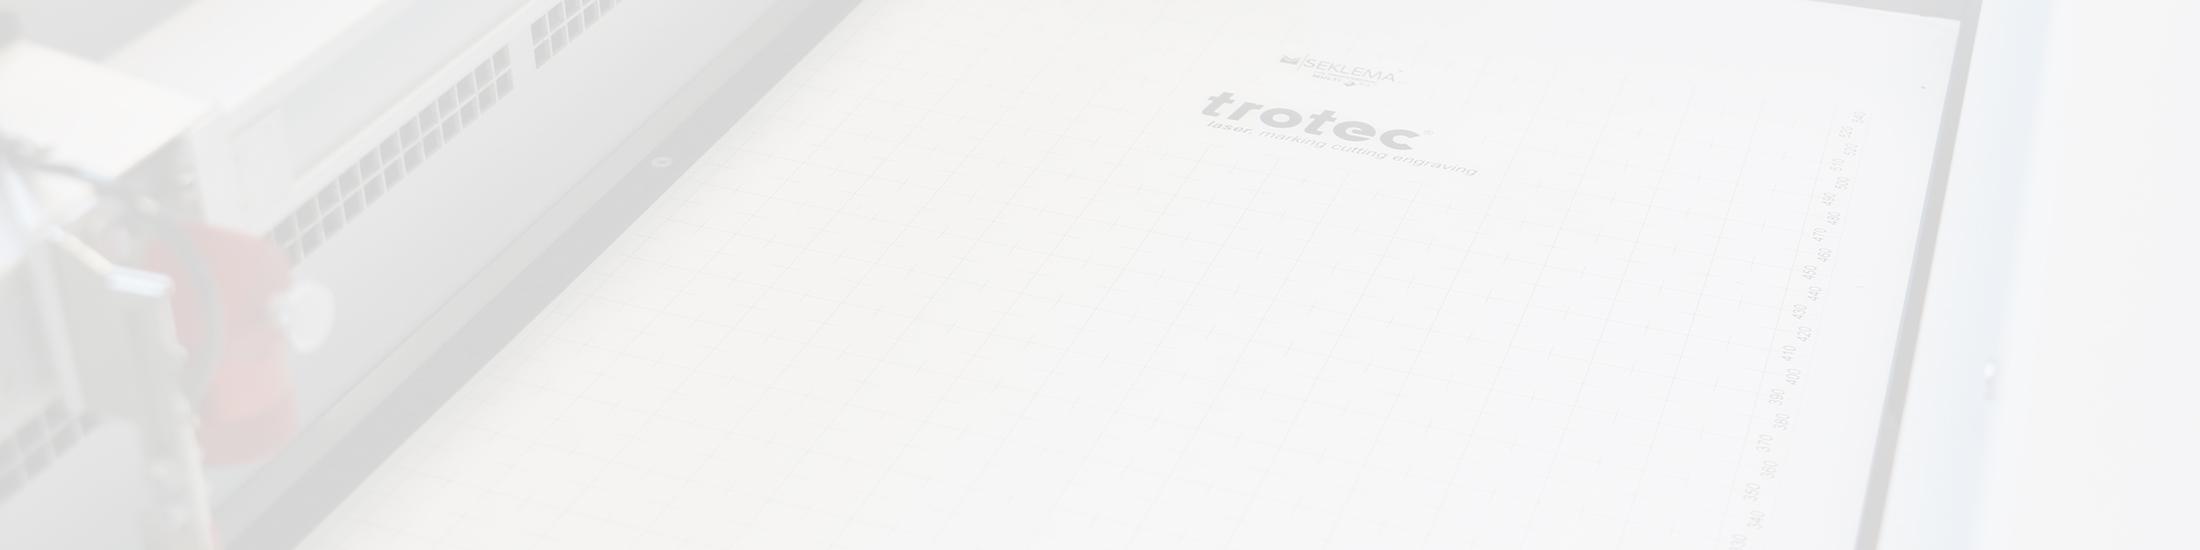 onze seklema- of trotec-werkfixatiemat fixeert uw werkstuk in uw laserapparaat